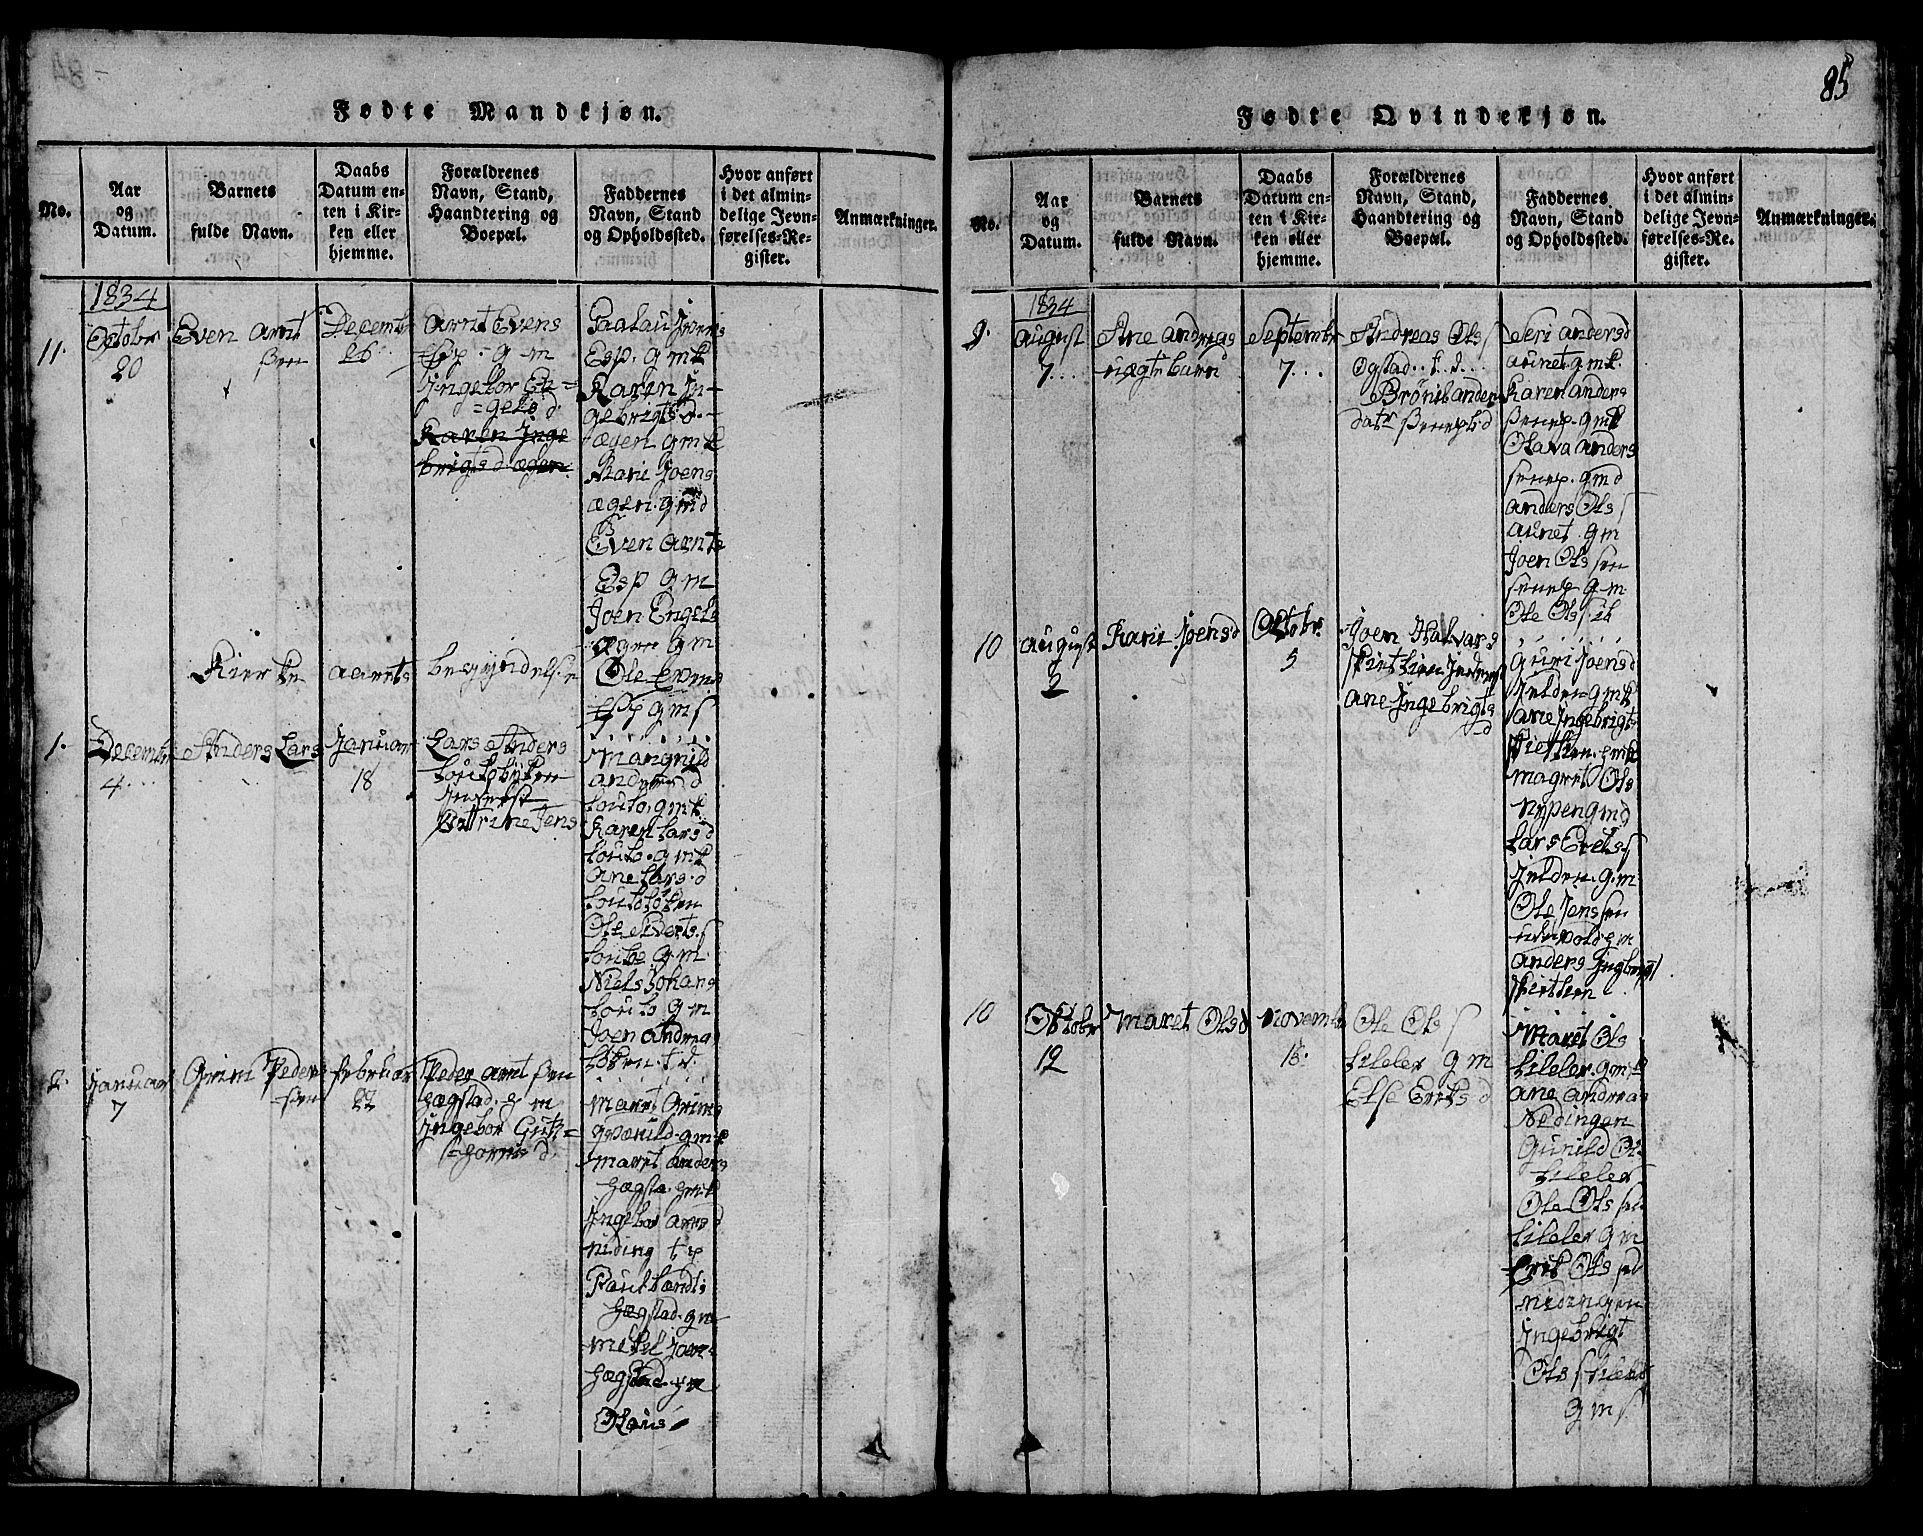 SAT, Ministerialprotokoller, klokkerbøker og fødselsregistre - Sør-Trøndelag, 613/L0393: Klokkerbok nr. 613C01, 1816-1886, s. 85